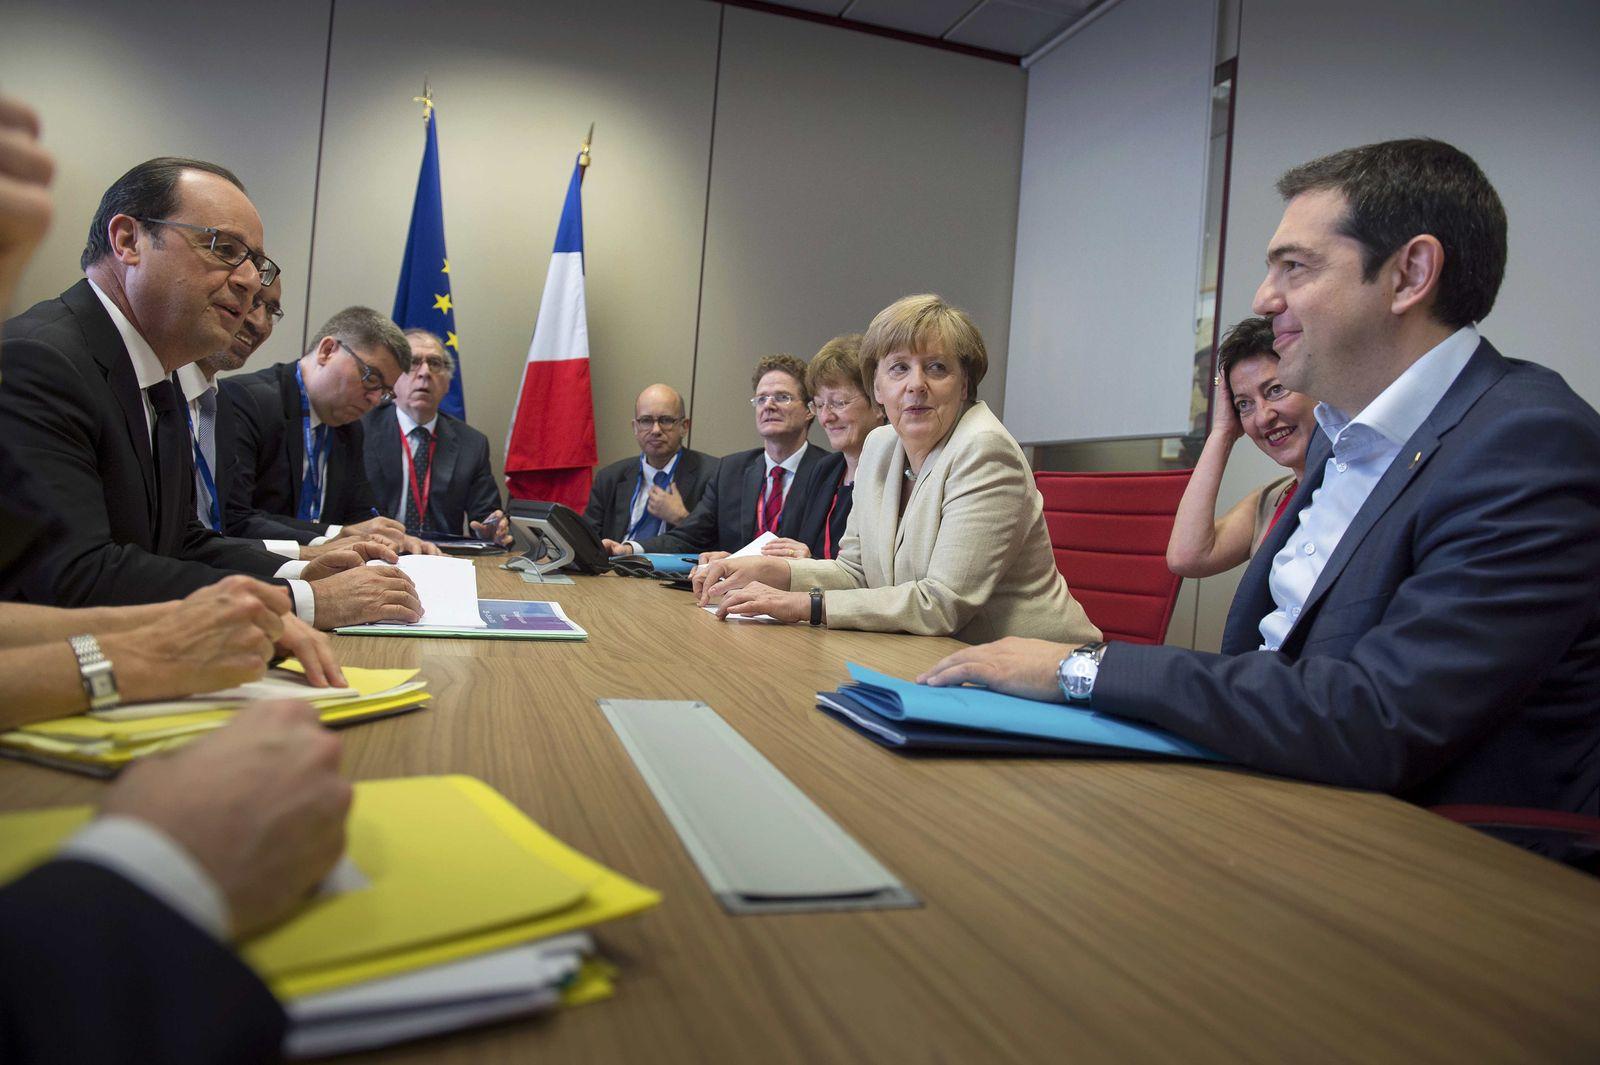 Tsipras/ Merkel/ Hollande